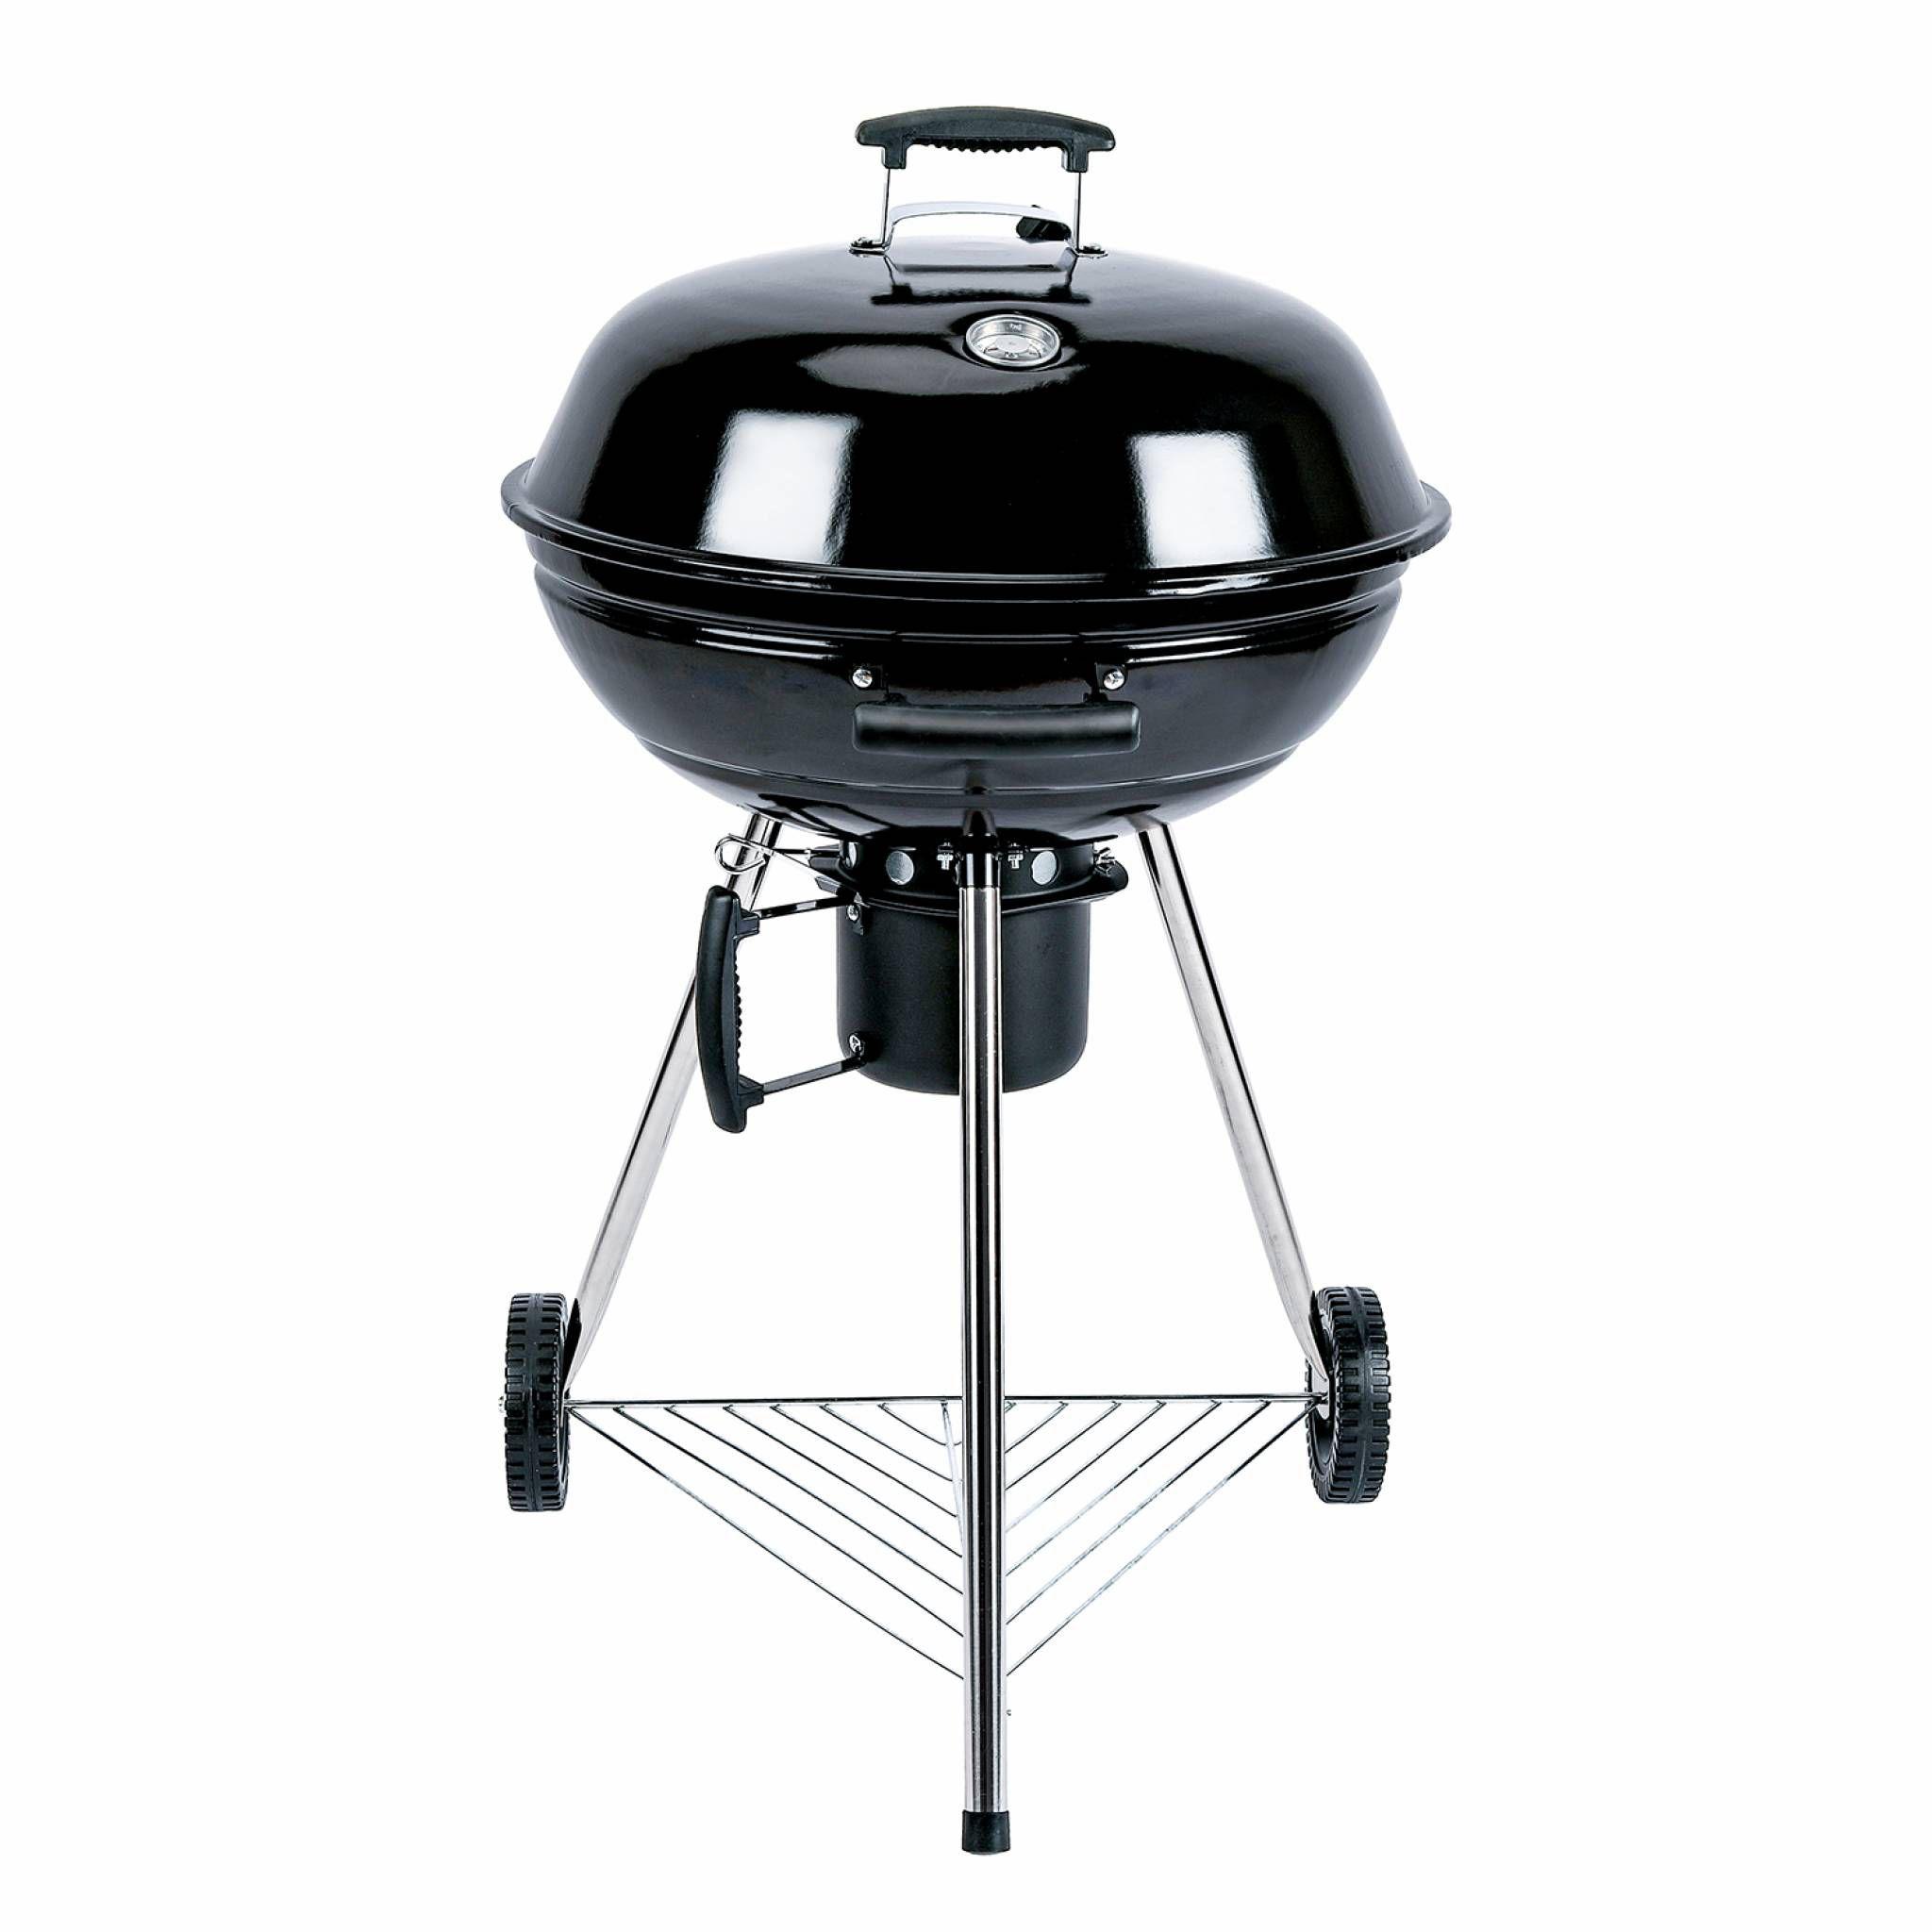 Meilleur barbecue charbon de bois